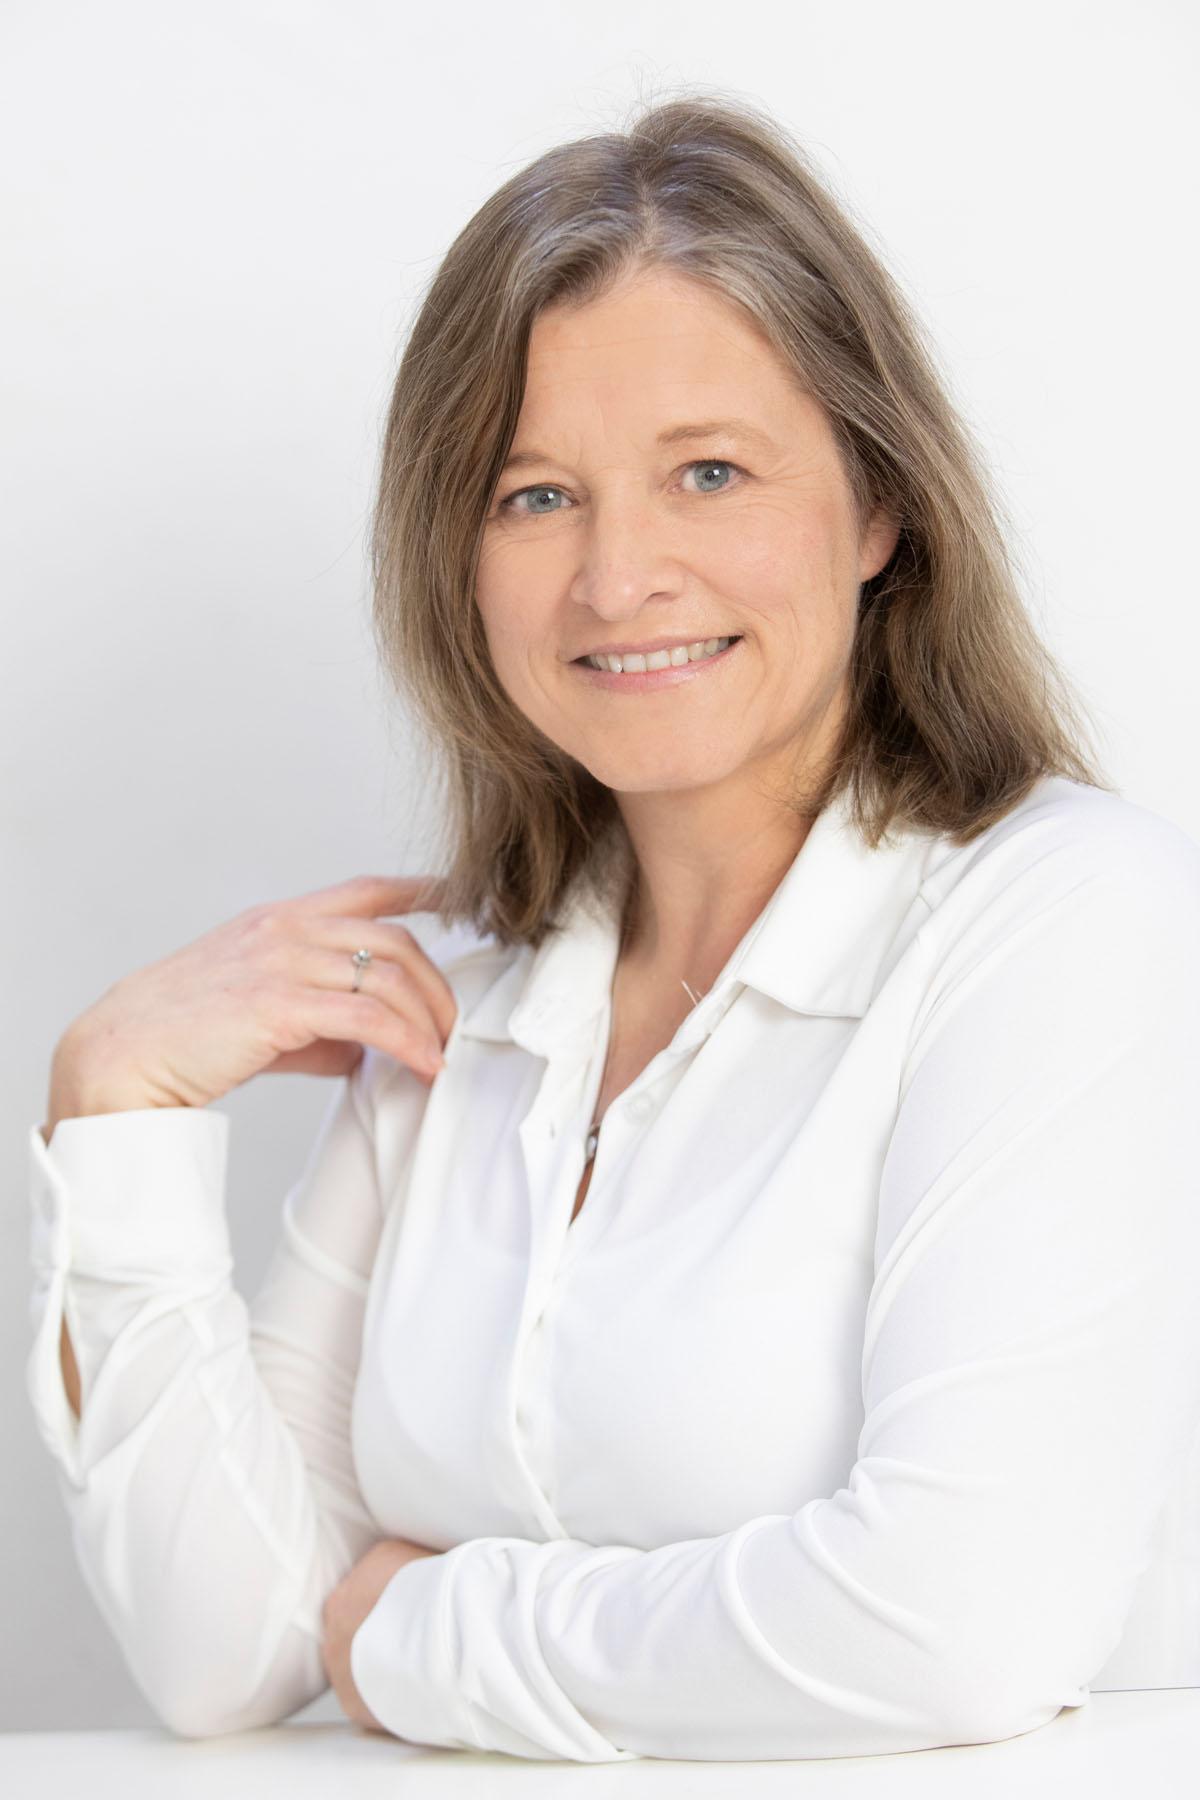 Melinda Cosmeticclinics